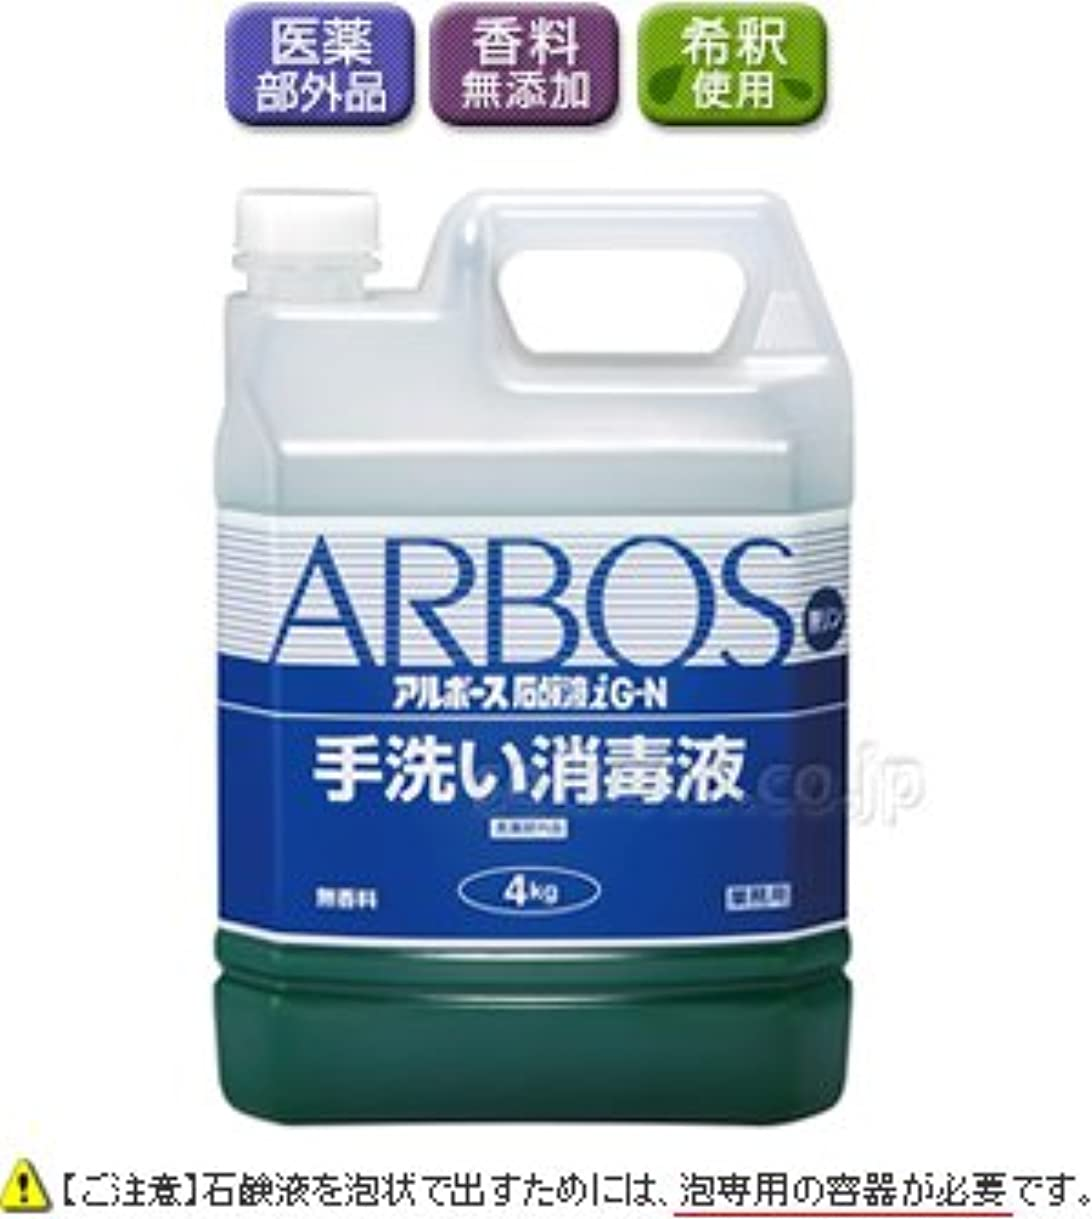 筋肉の熟練したバタフライ【清潔キレイ館】アルボース石鹸液iG-N お得な4kg×4本セット